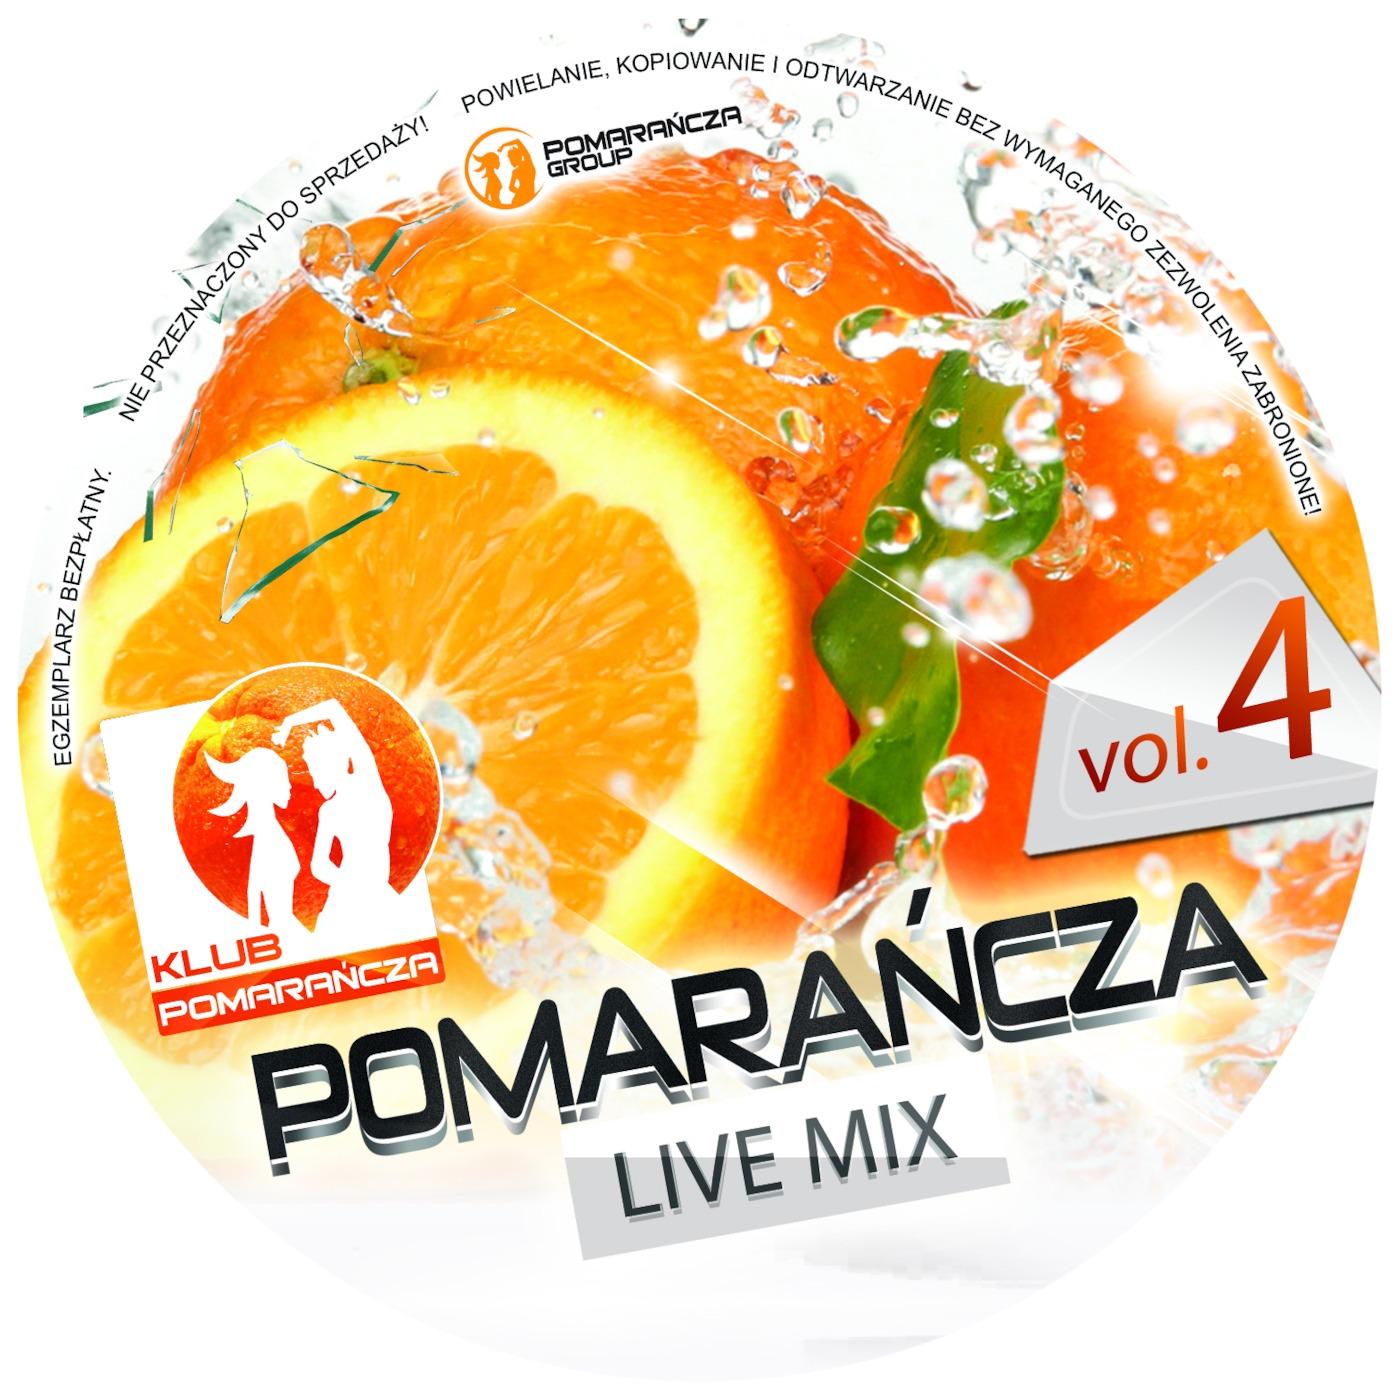 Pomarancza Live Mix (mixed by S-MOON)